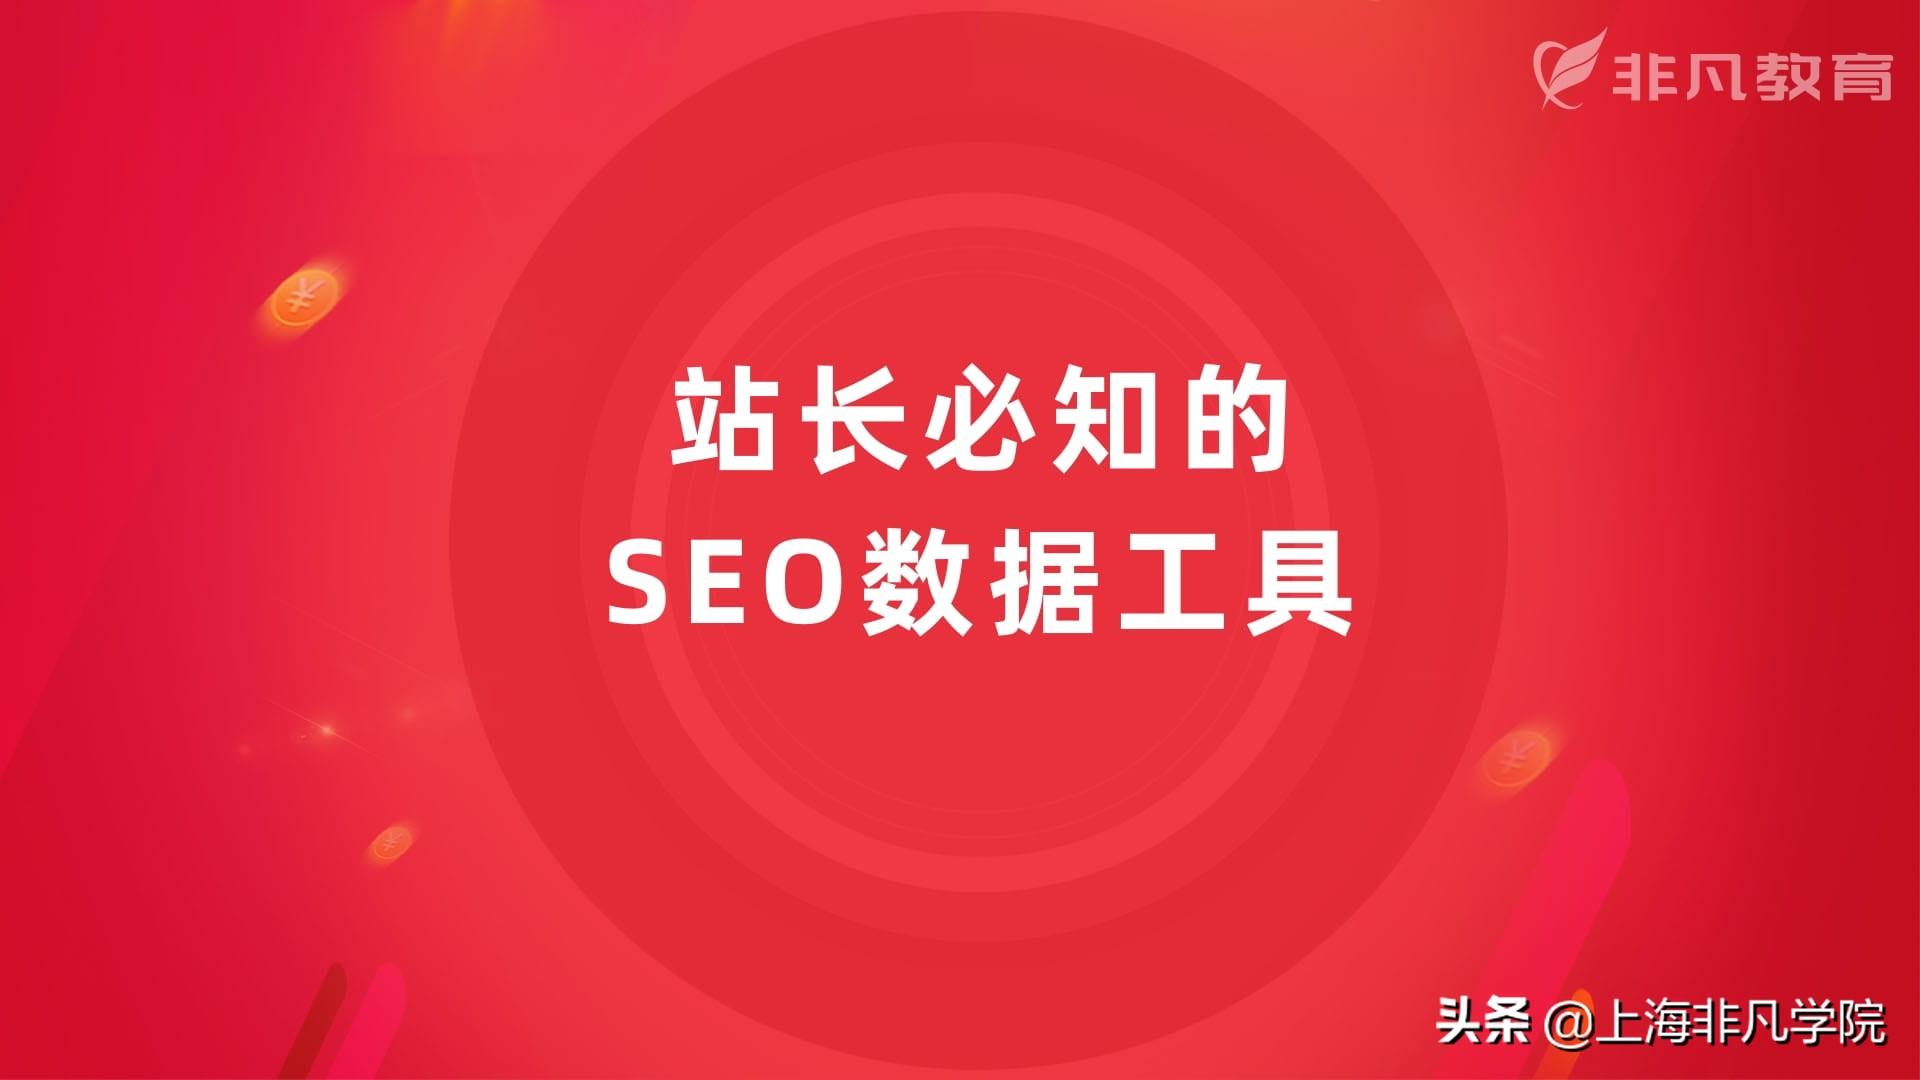 seo整站快速排名工具(七天关键词上首页)